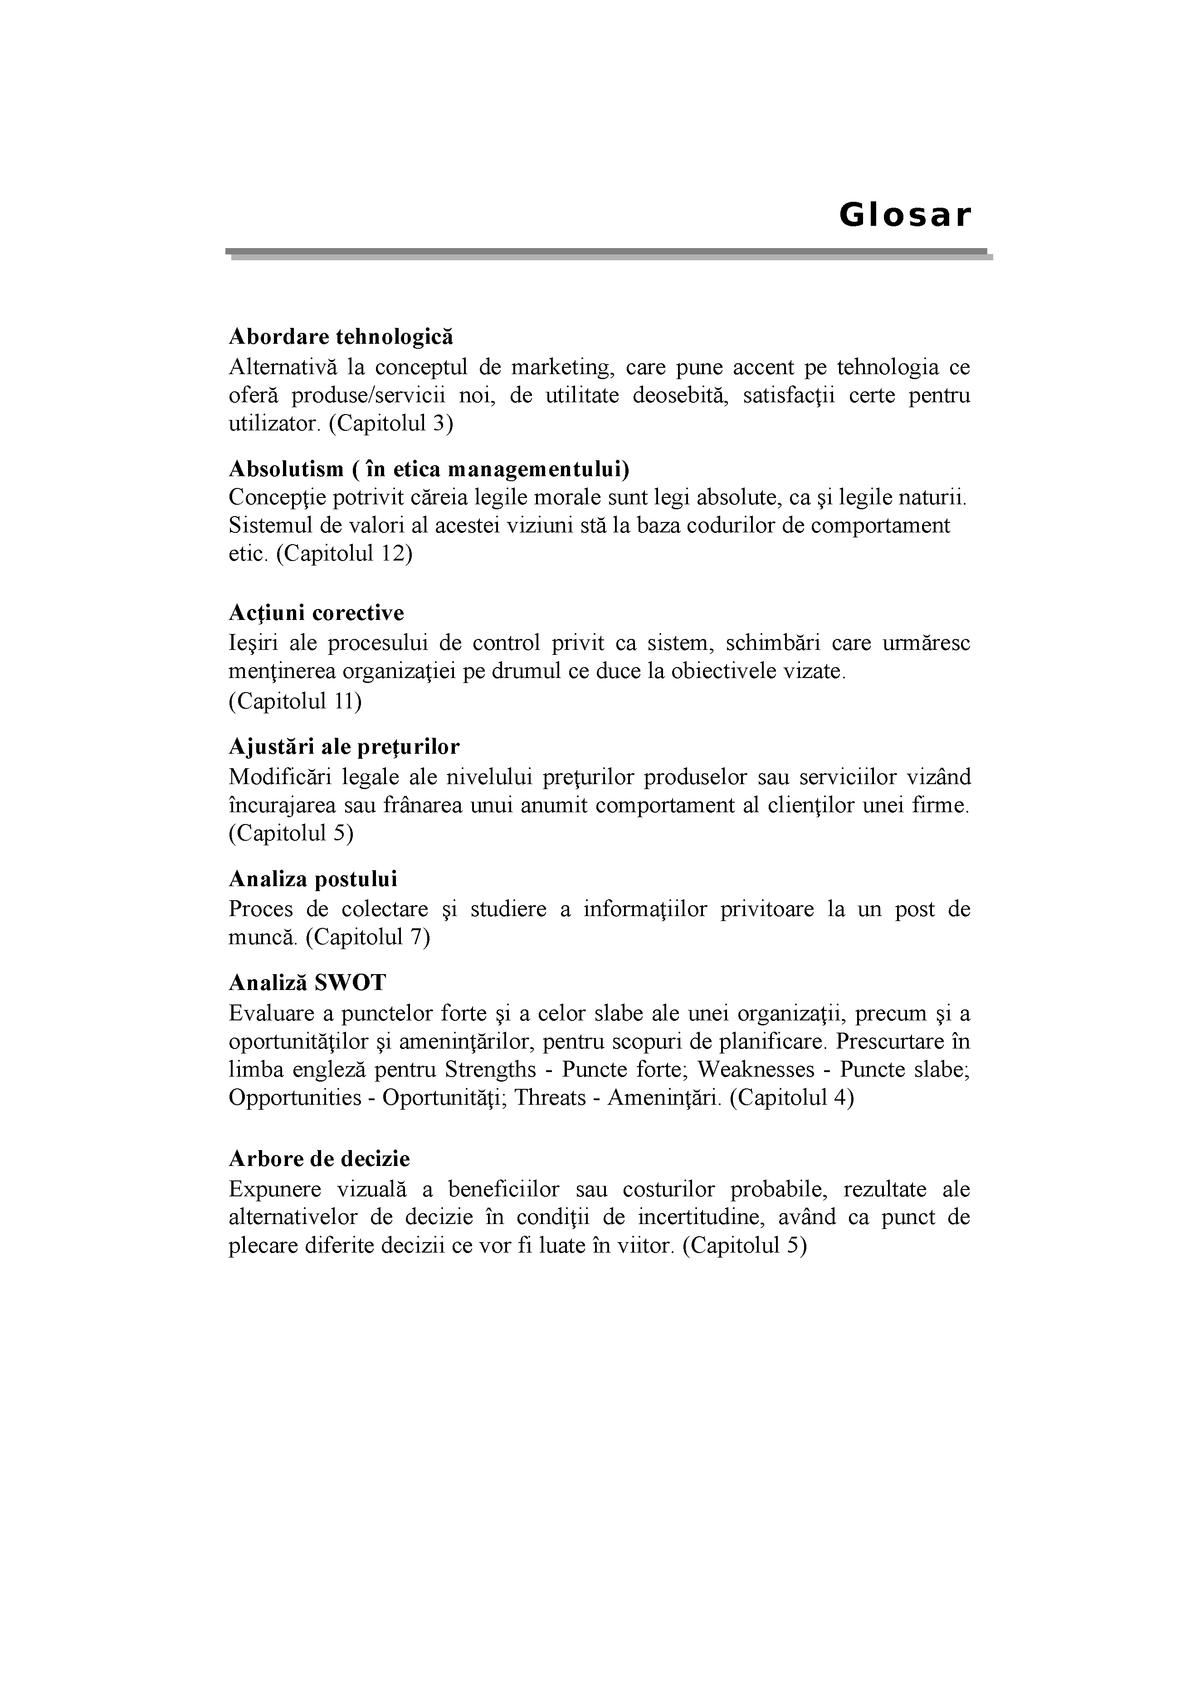 cerințe vizuale viziune)